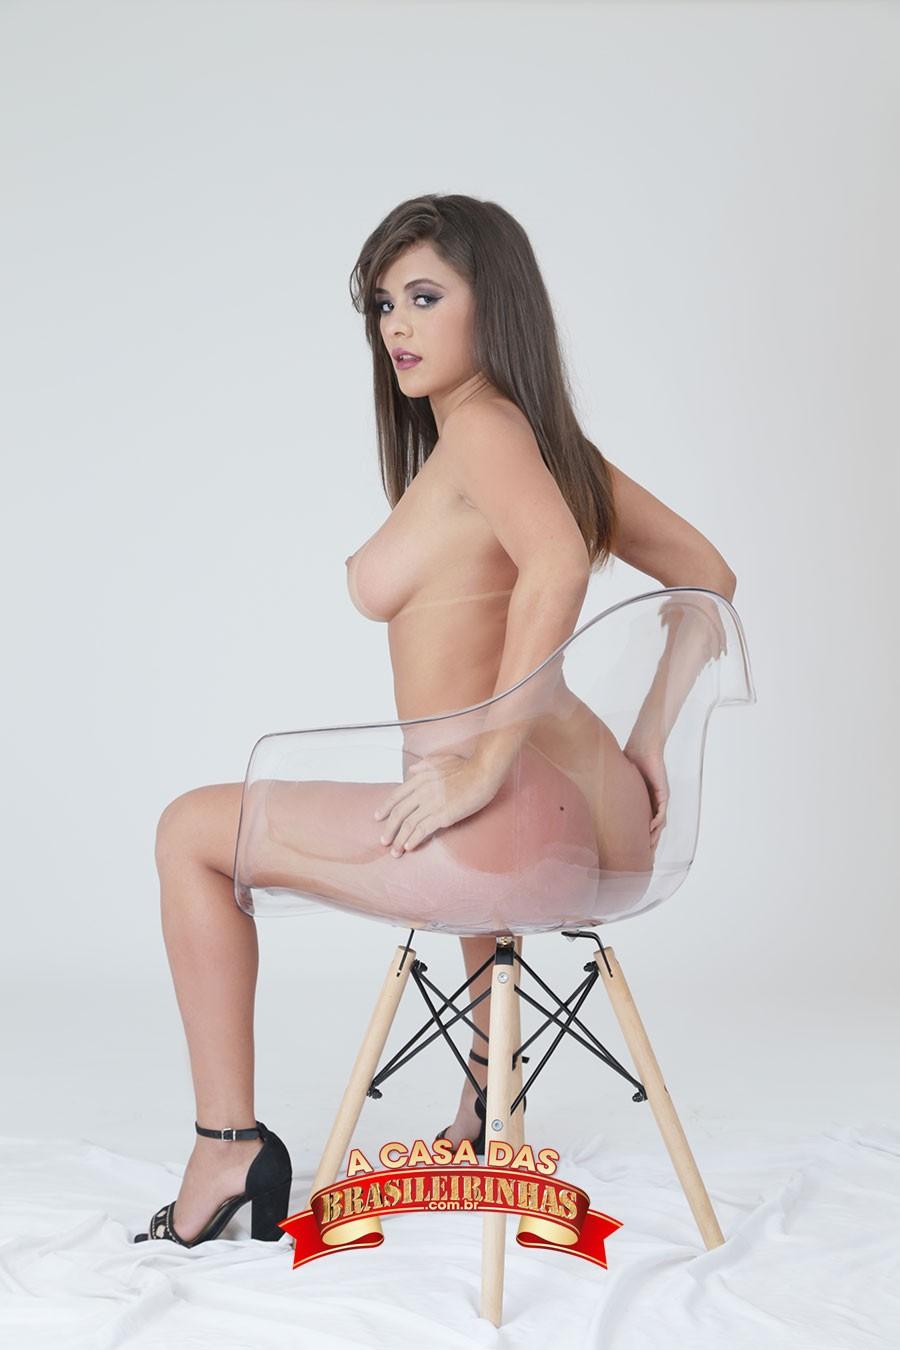 Paola-Gurgel-na-cadeira-transparente.jpg